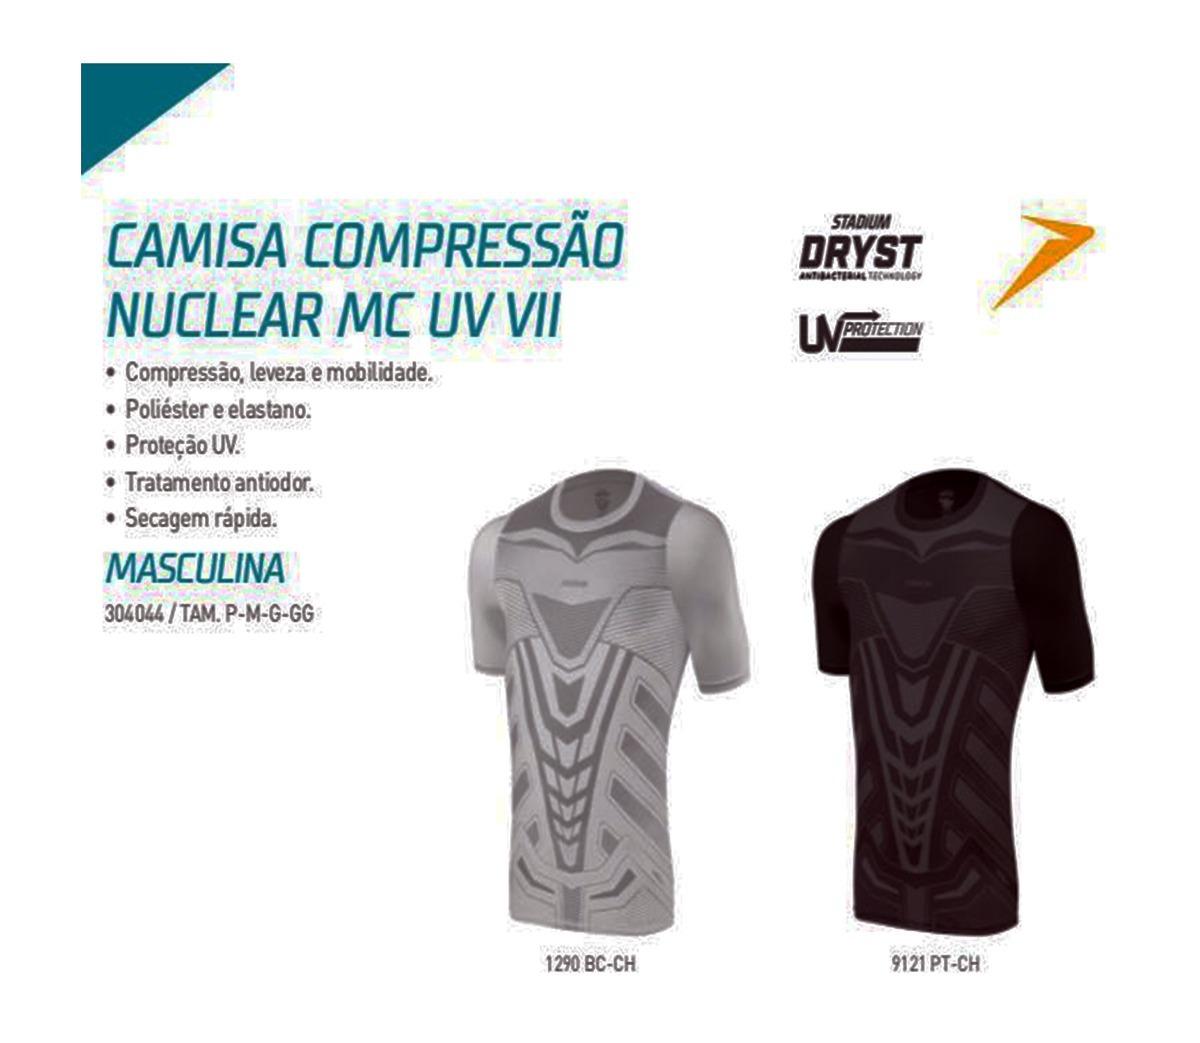 f7dd29f94e camisa térmica compressão manga curta nuclear ml proteção uv. Carregando  zoom.